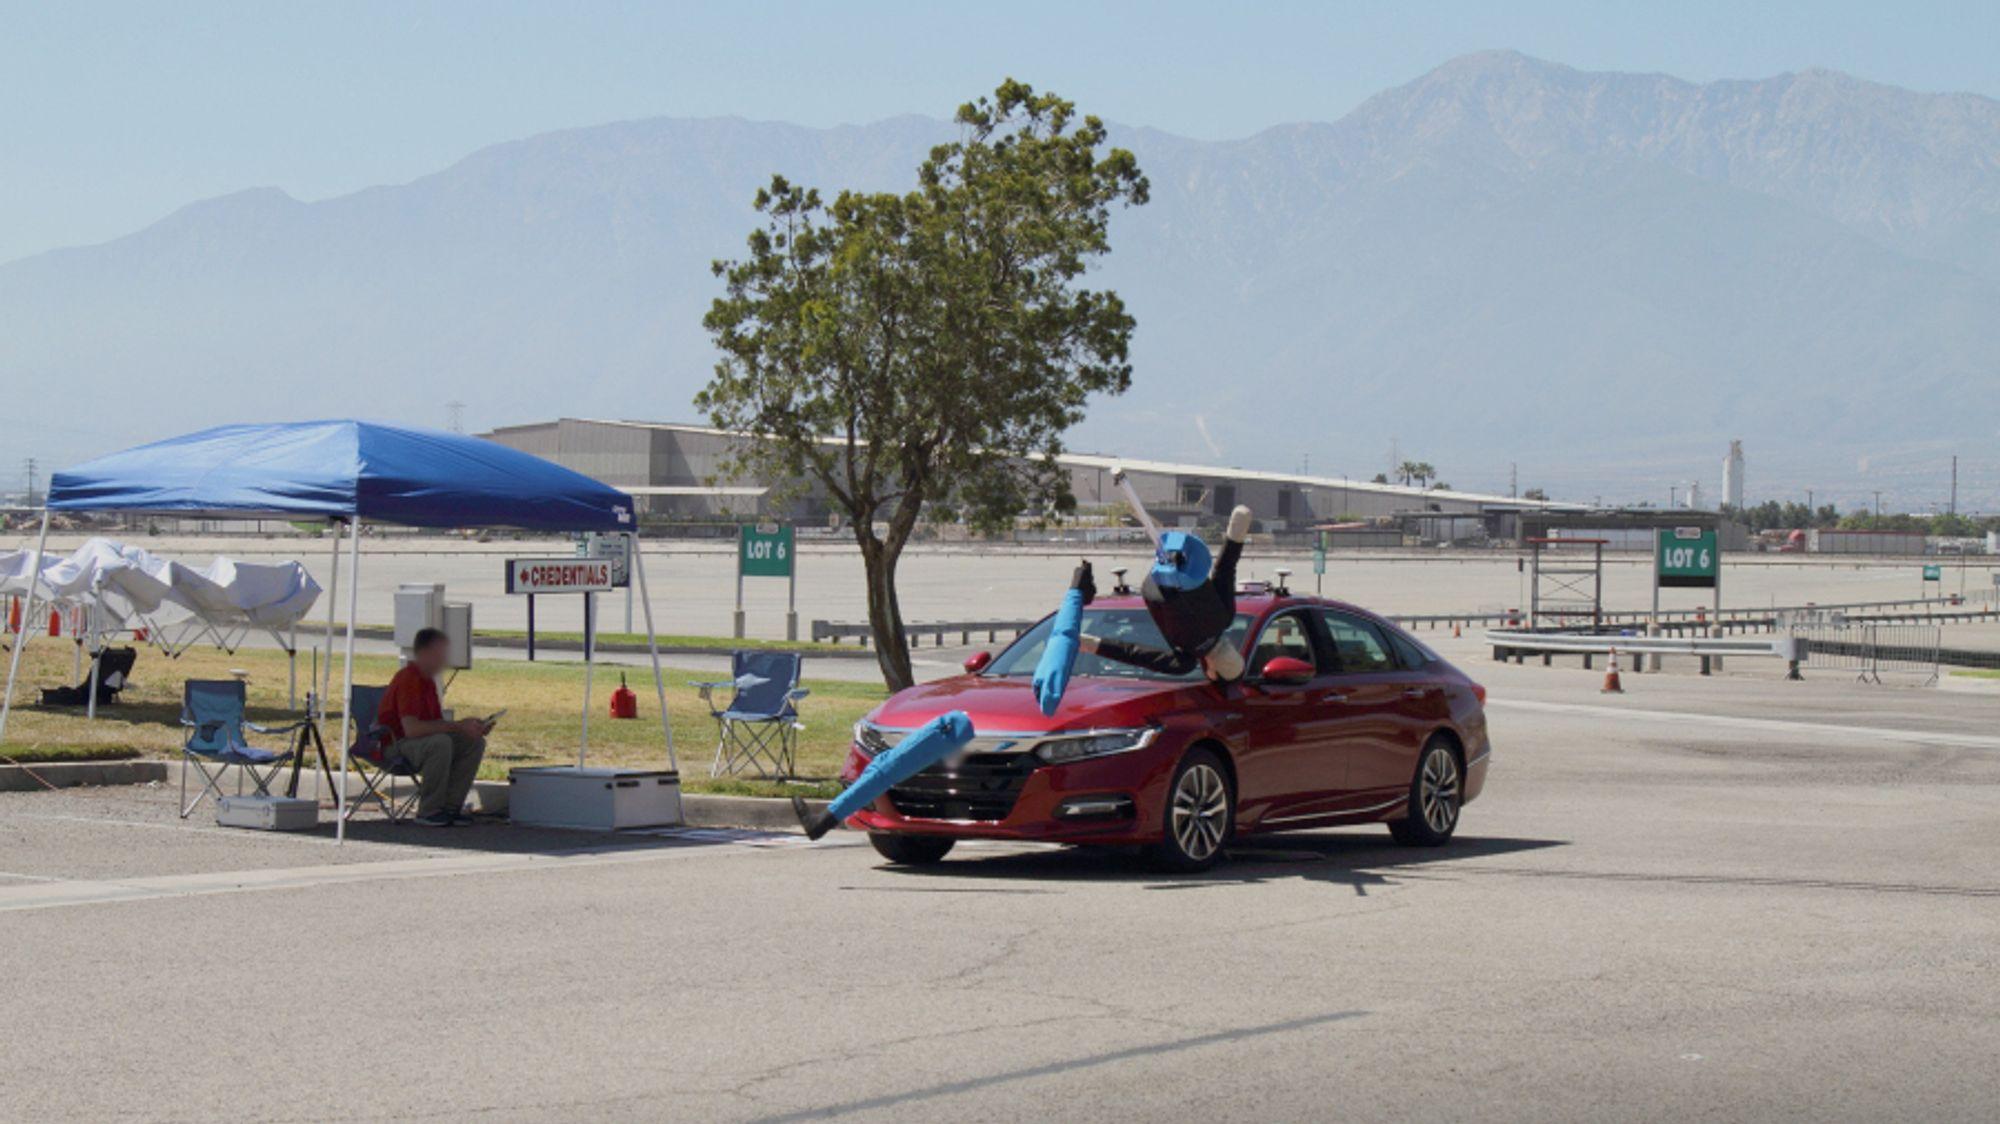 Her kolliderer bilen med en voksen dukke etter å ha foretatt en krapp sving.